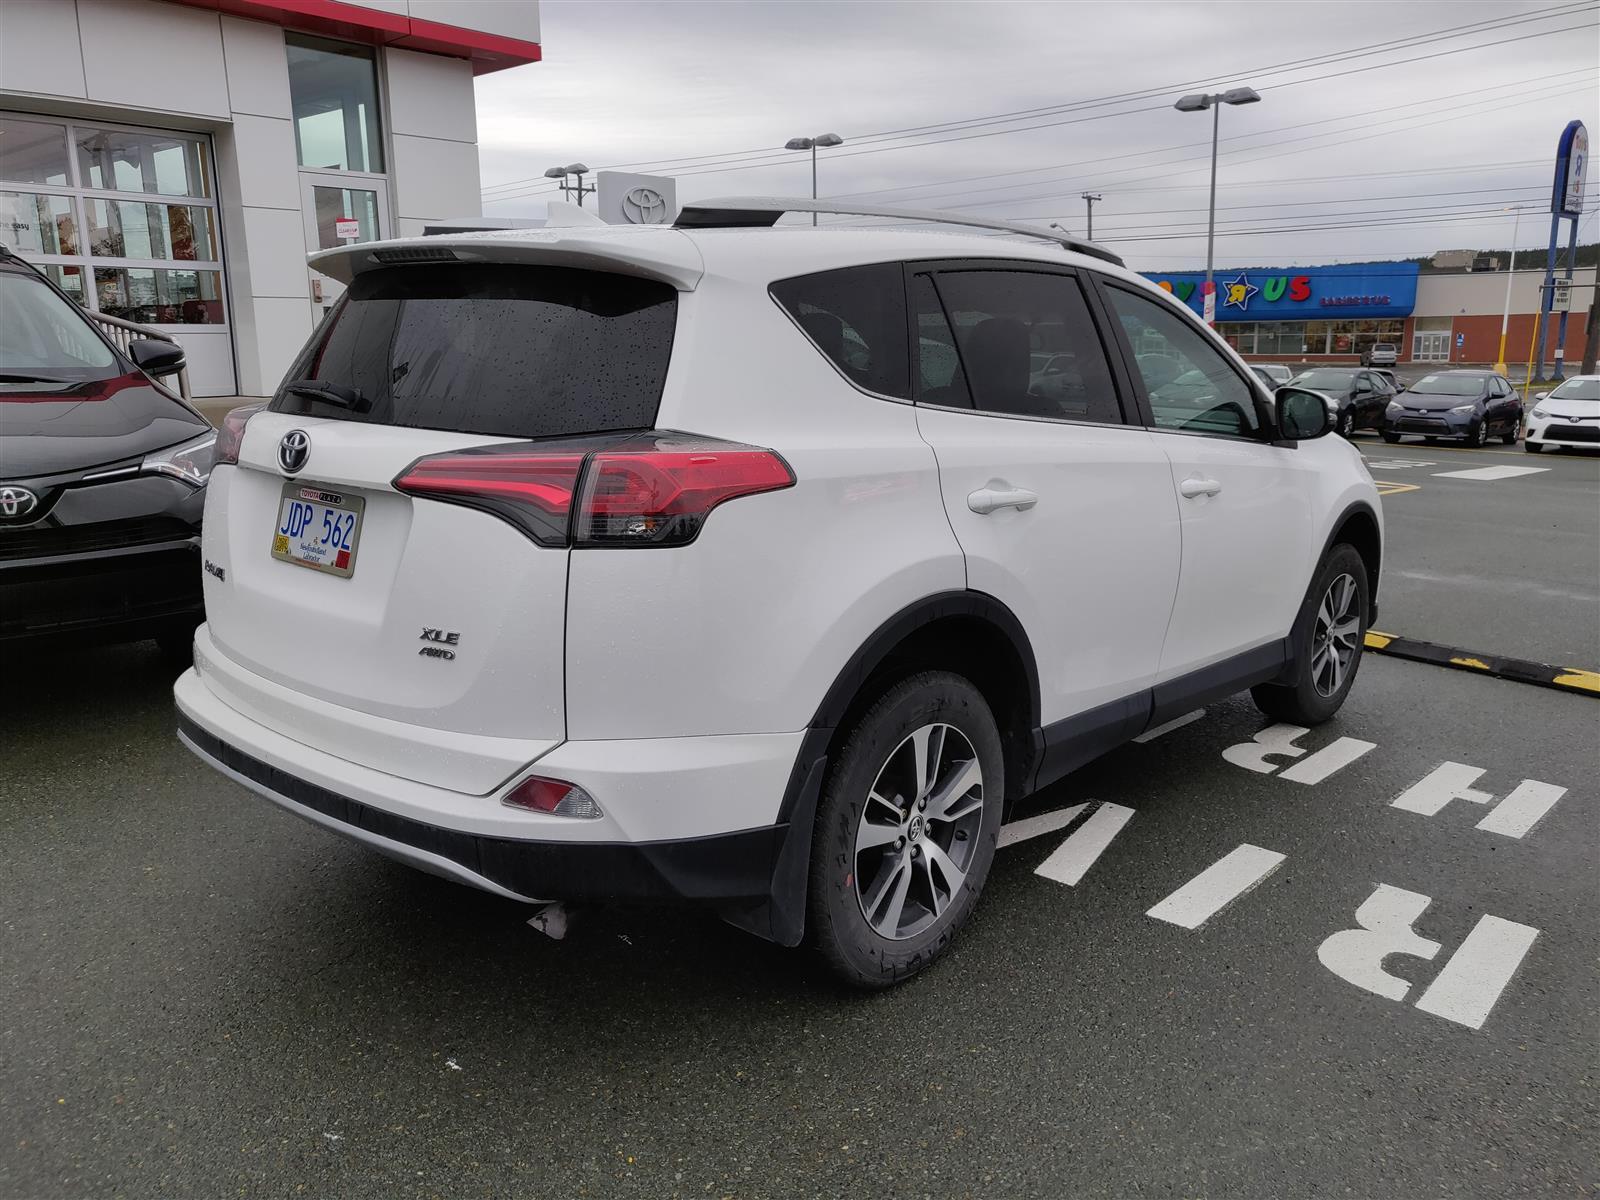 Used 2016 Toyota RAV4 in St. Johns,NL